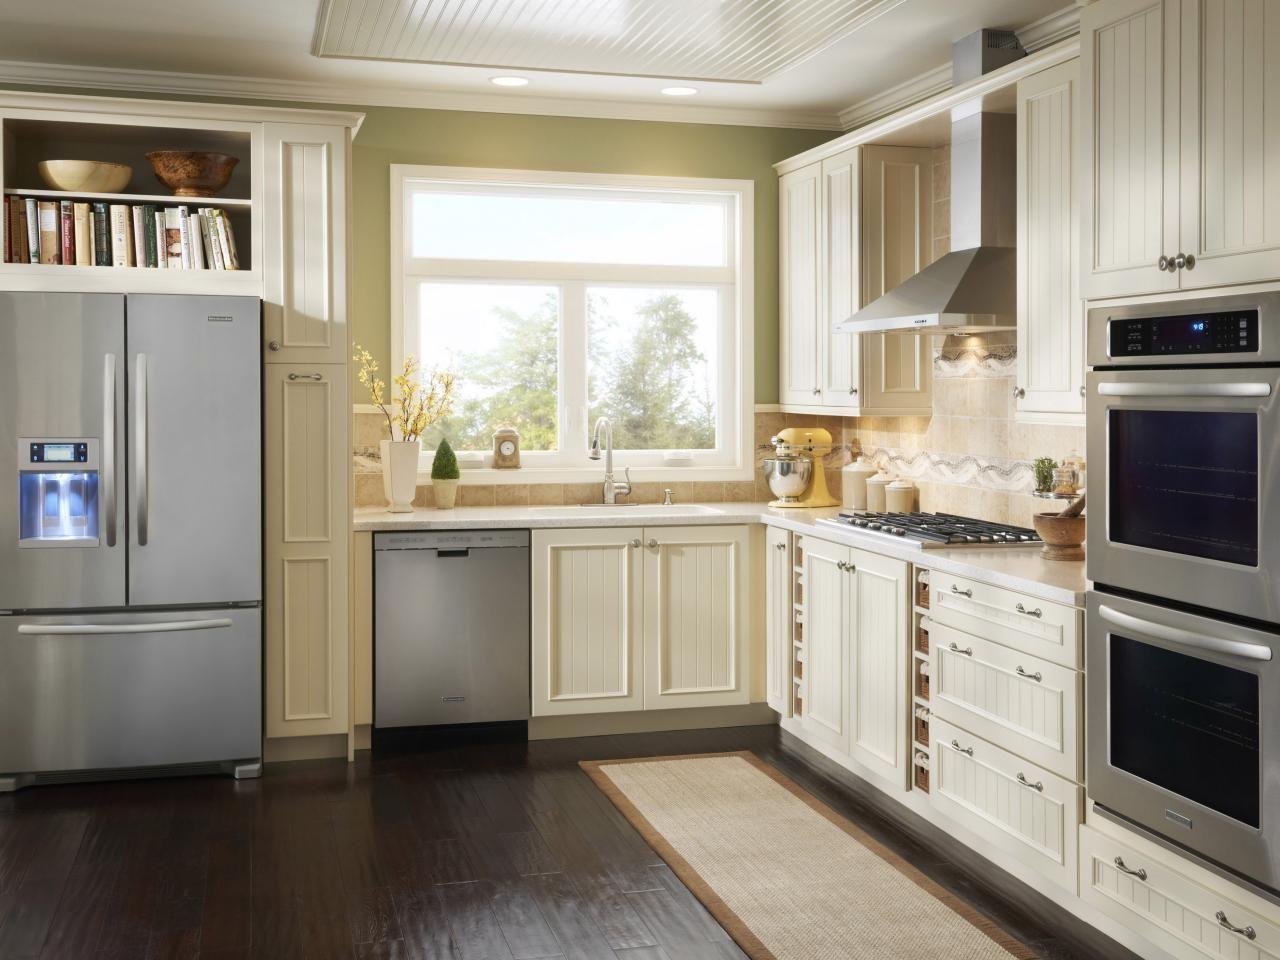 Küchenschränke für kleine küchen small kitchen design smart layouts u storage photos  kitchen